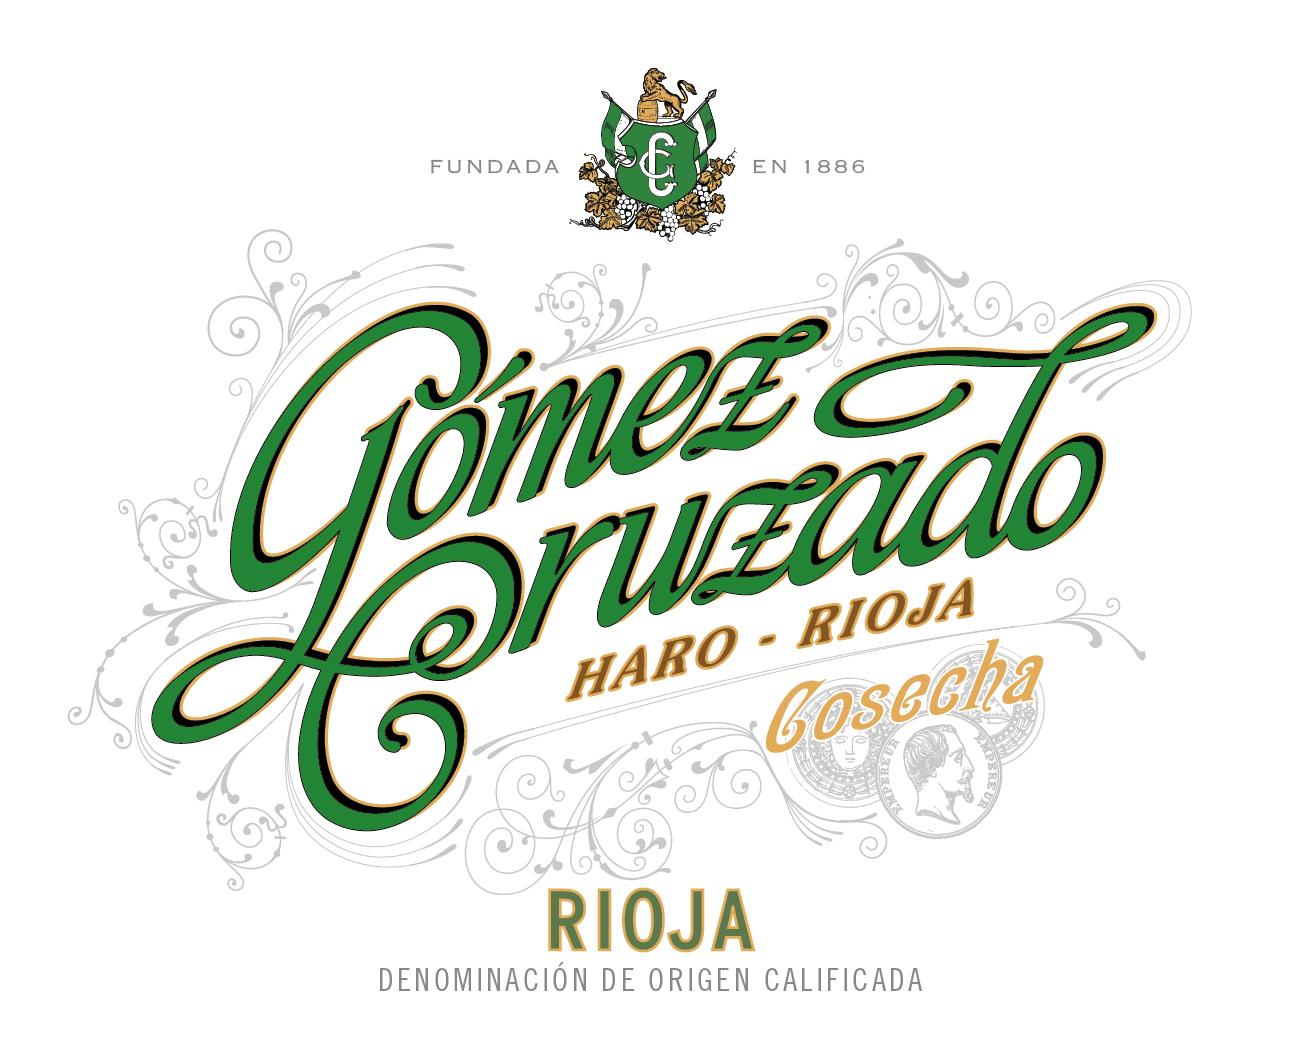 Gómez Cruzado Blanco 2015